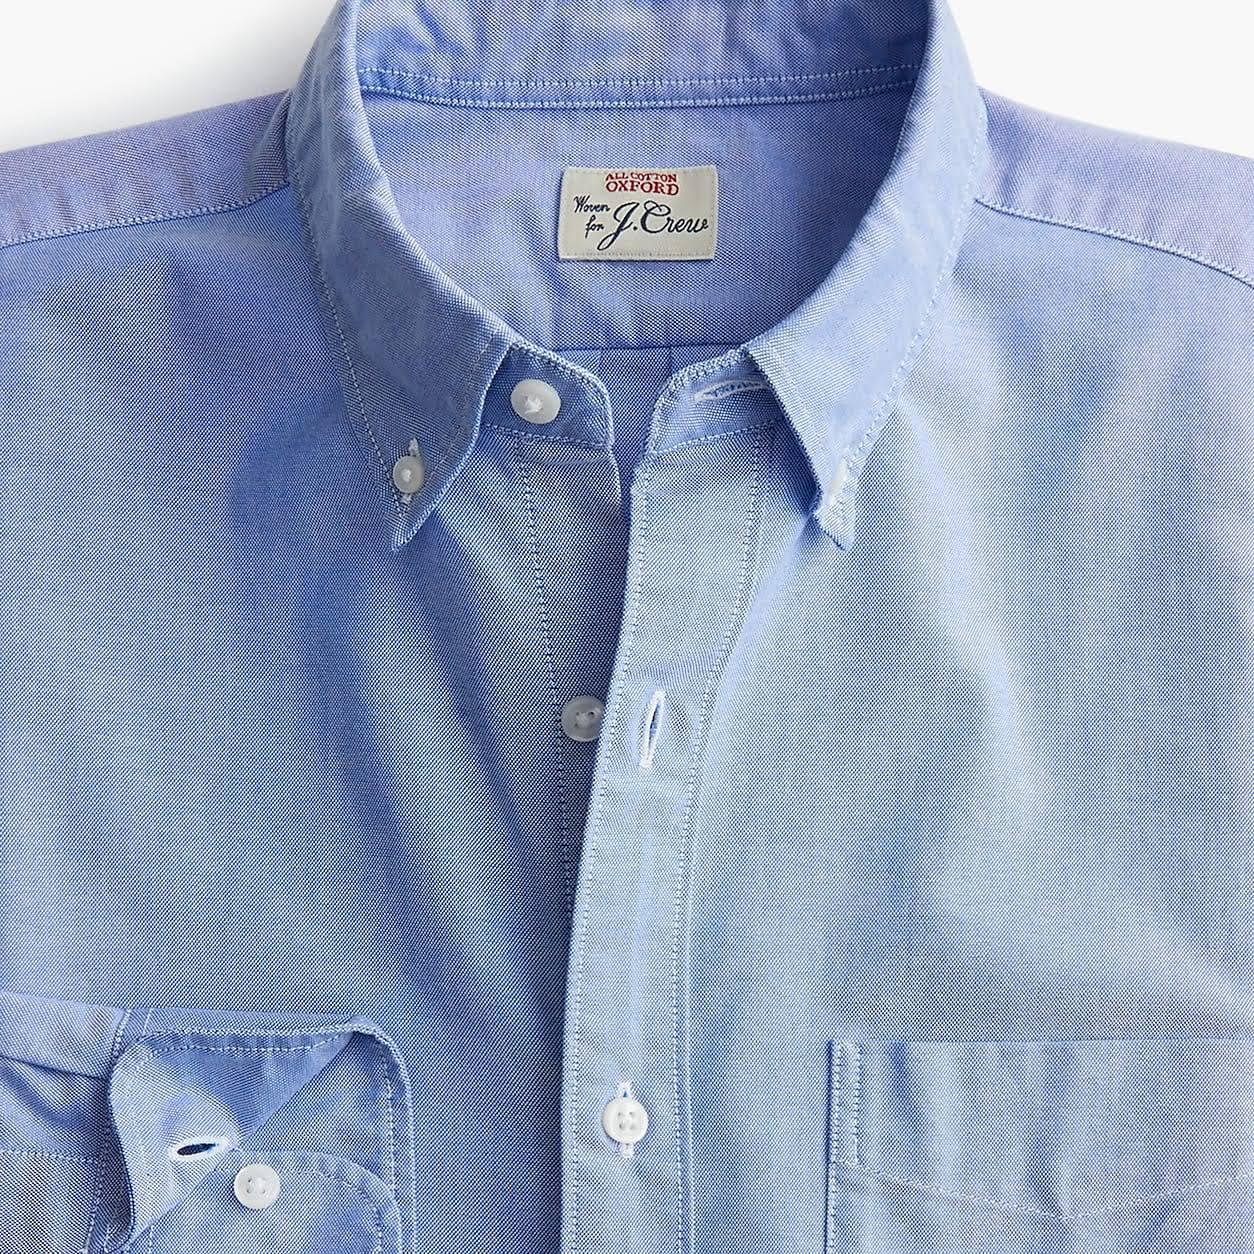 Schlankes größe Mens Amerikanisches Pima Regenmantel baumwoll crew hemd Blau Stretch Small oxford Mechanischem J Mit qUEPwRTWFx